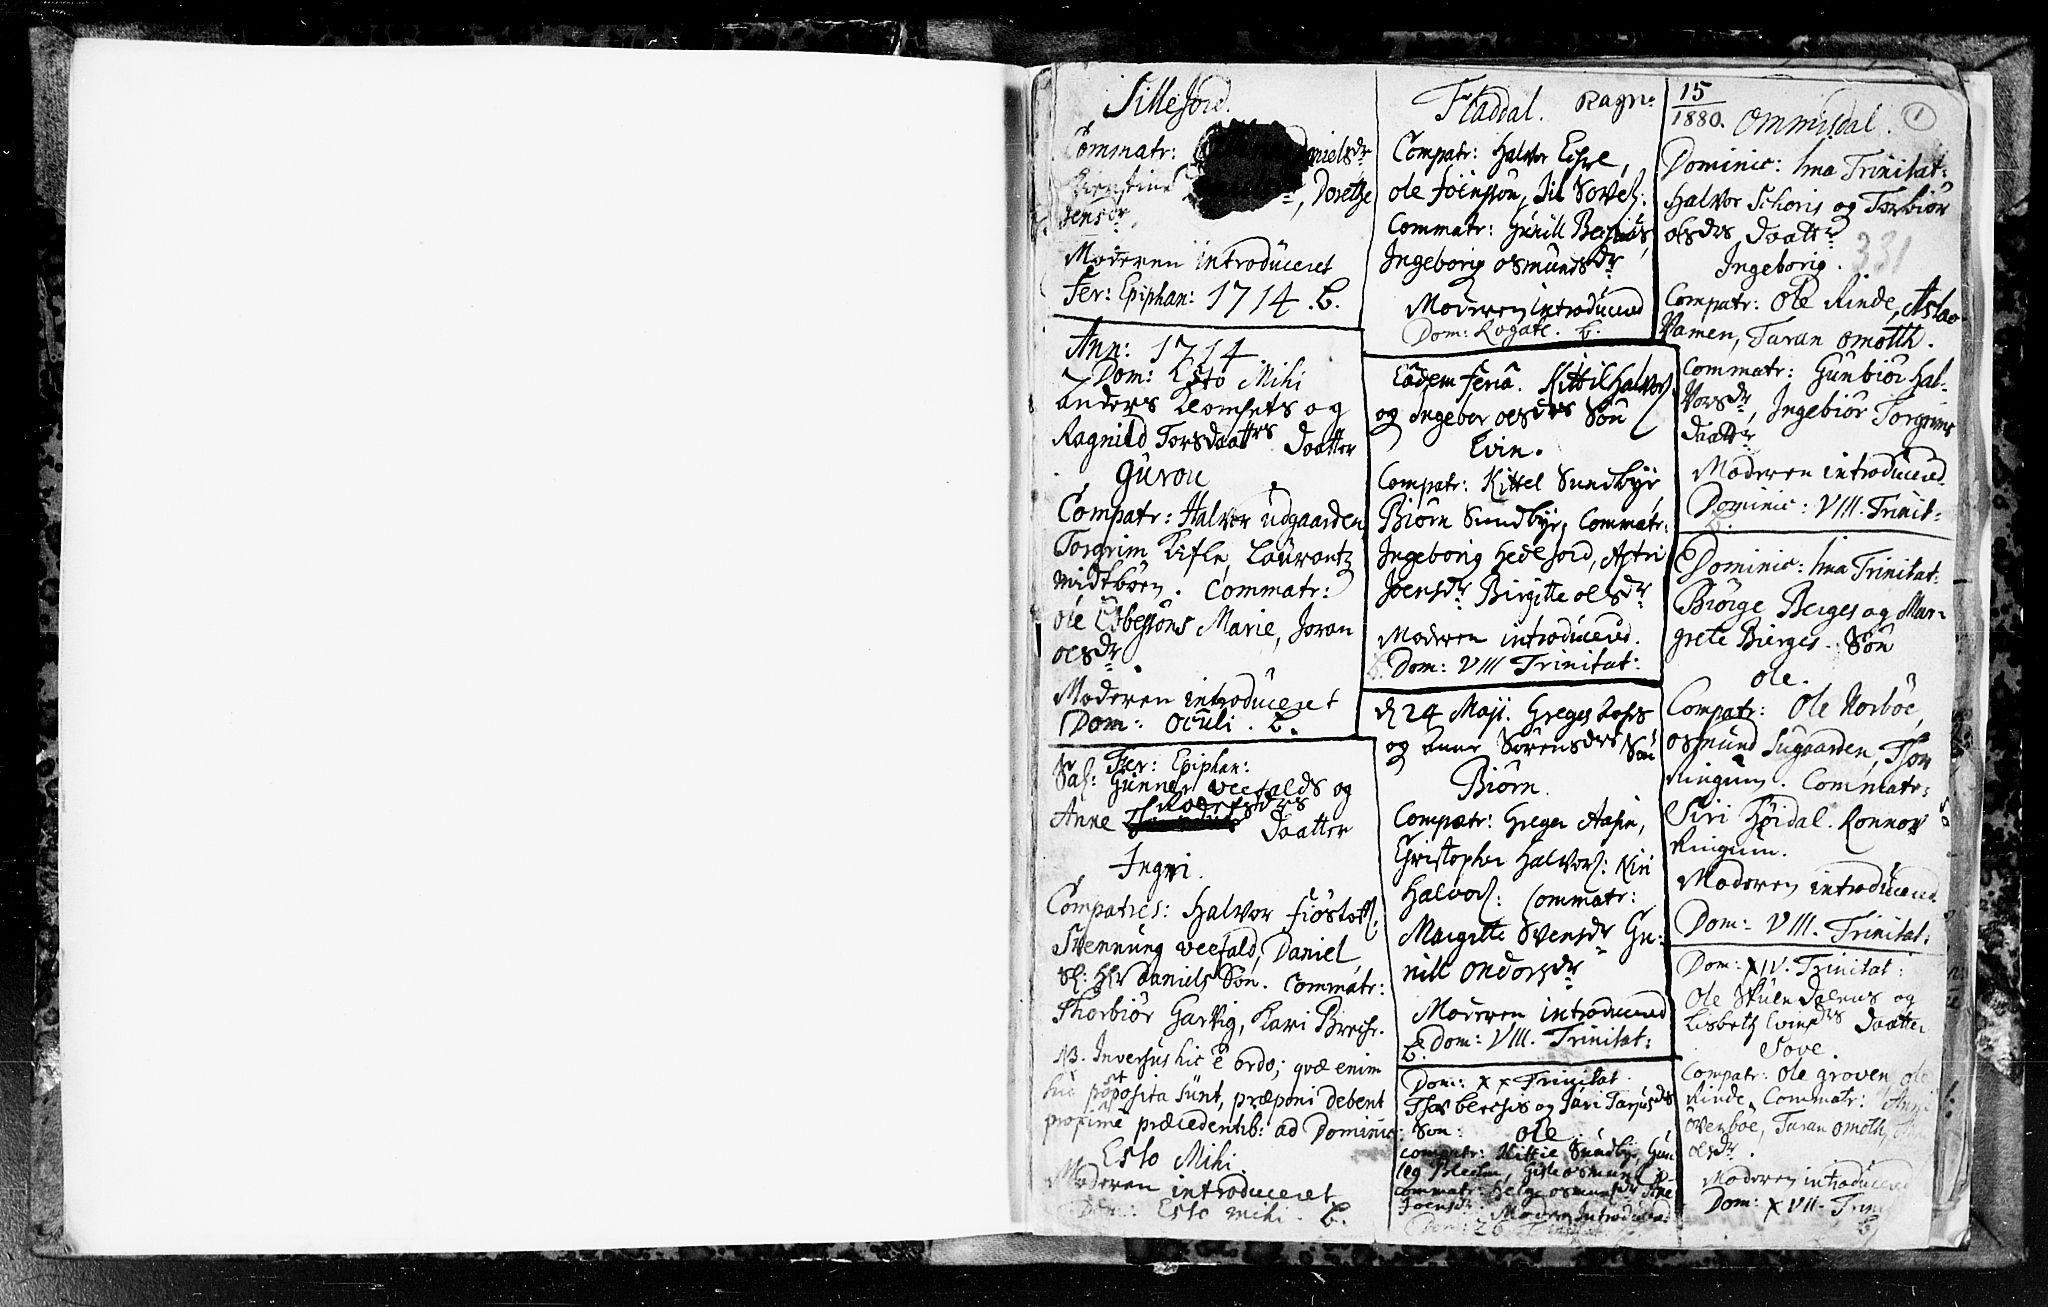 SAKO, Seljord kirkebøker, F/Fa/L0003: Ministerialbok nr. I 3, 1714-1725, s. 1